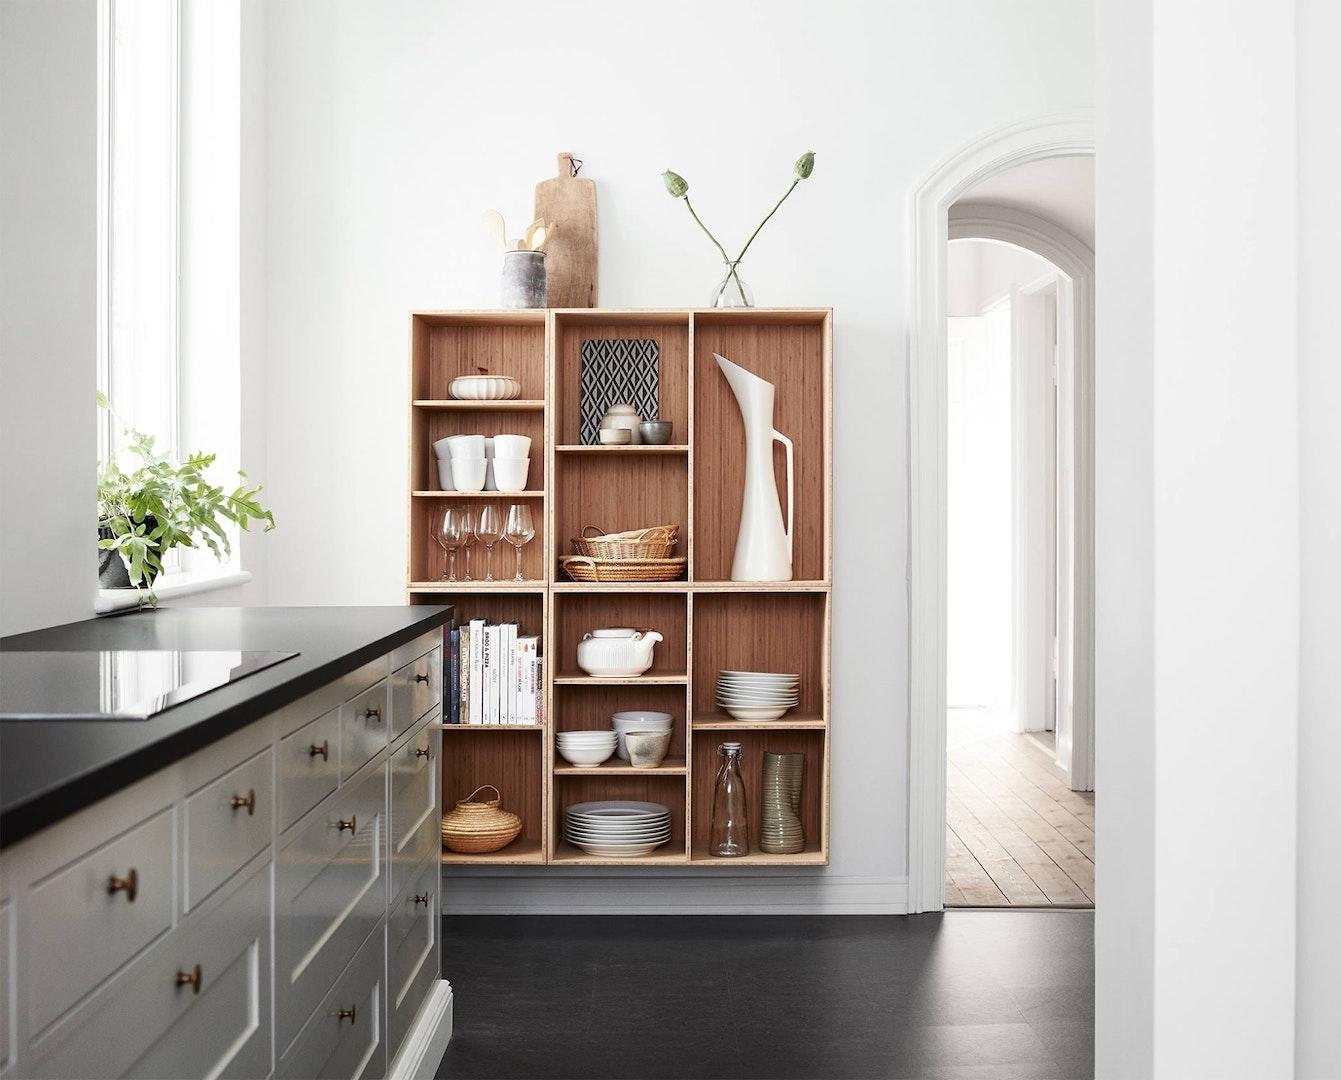 Fantastisk De bedste møbelforretninger og bolighuse | bobedre.dk BE09